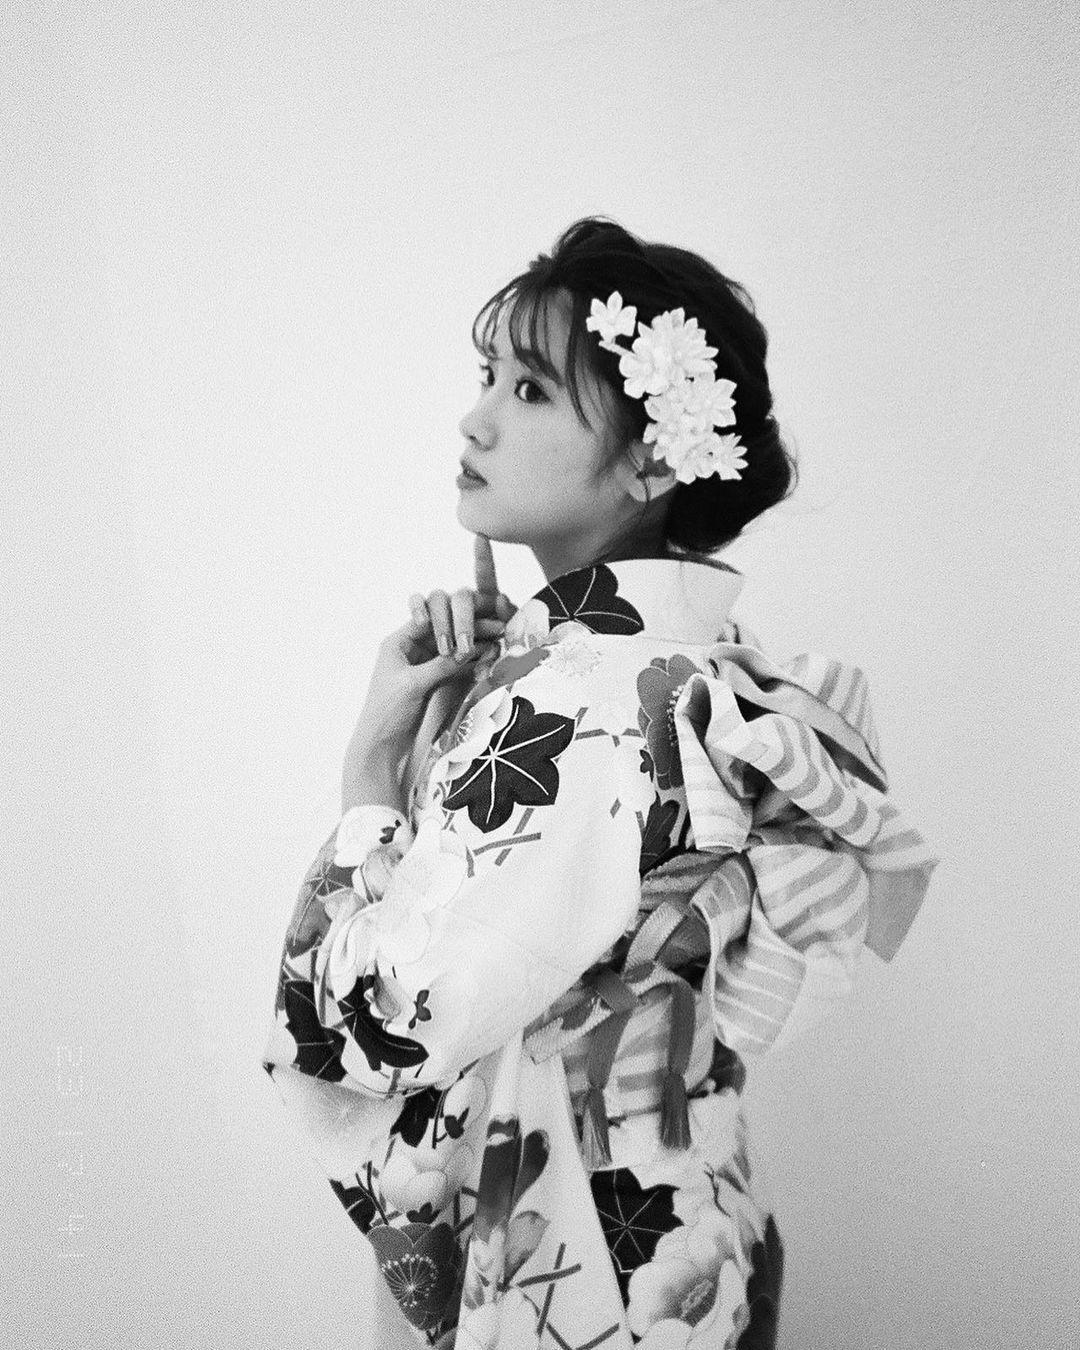 岐阜の天使古田爱理辣穿 雪白稚嫩散发青春活力 网络美女 第4张